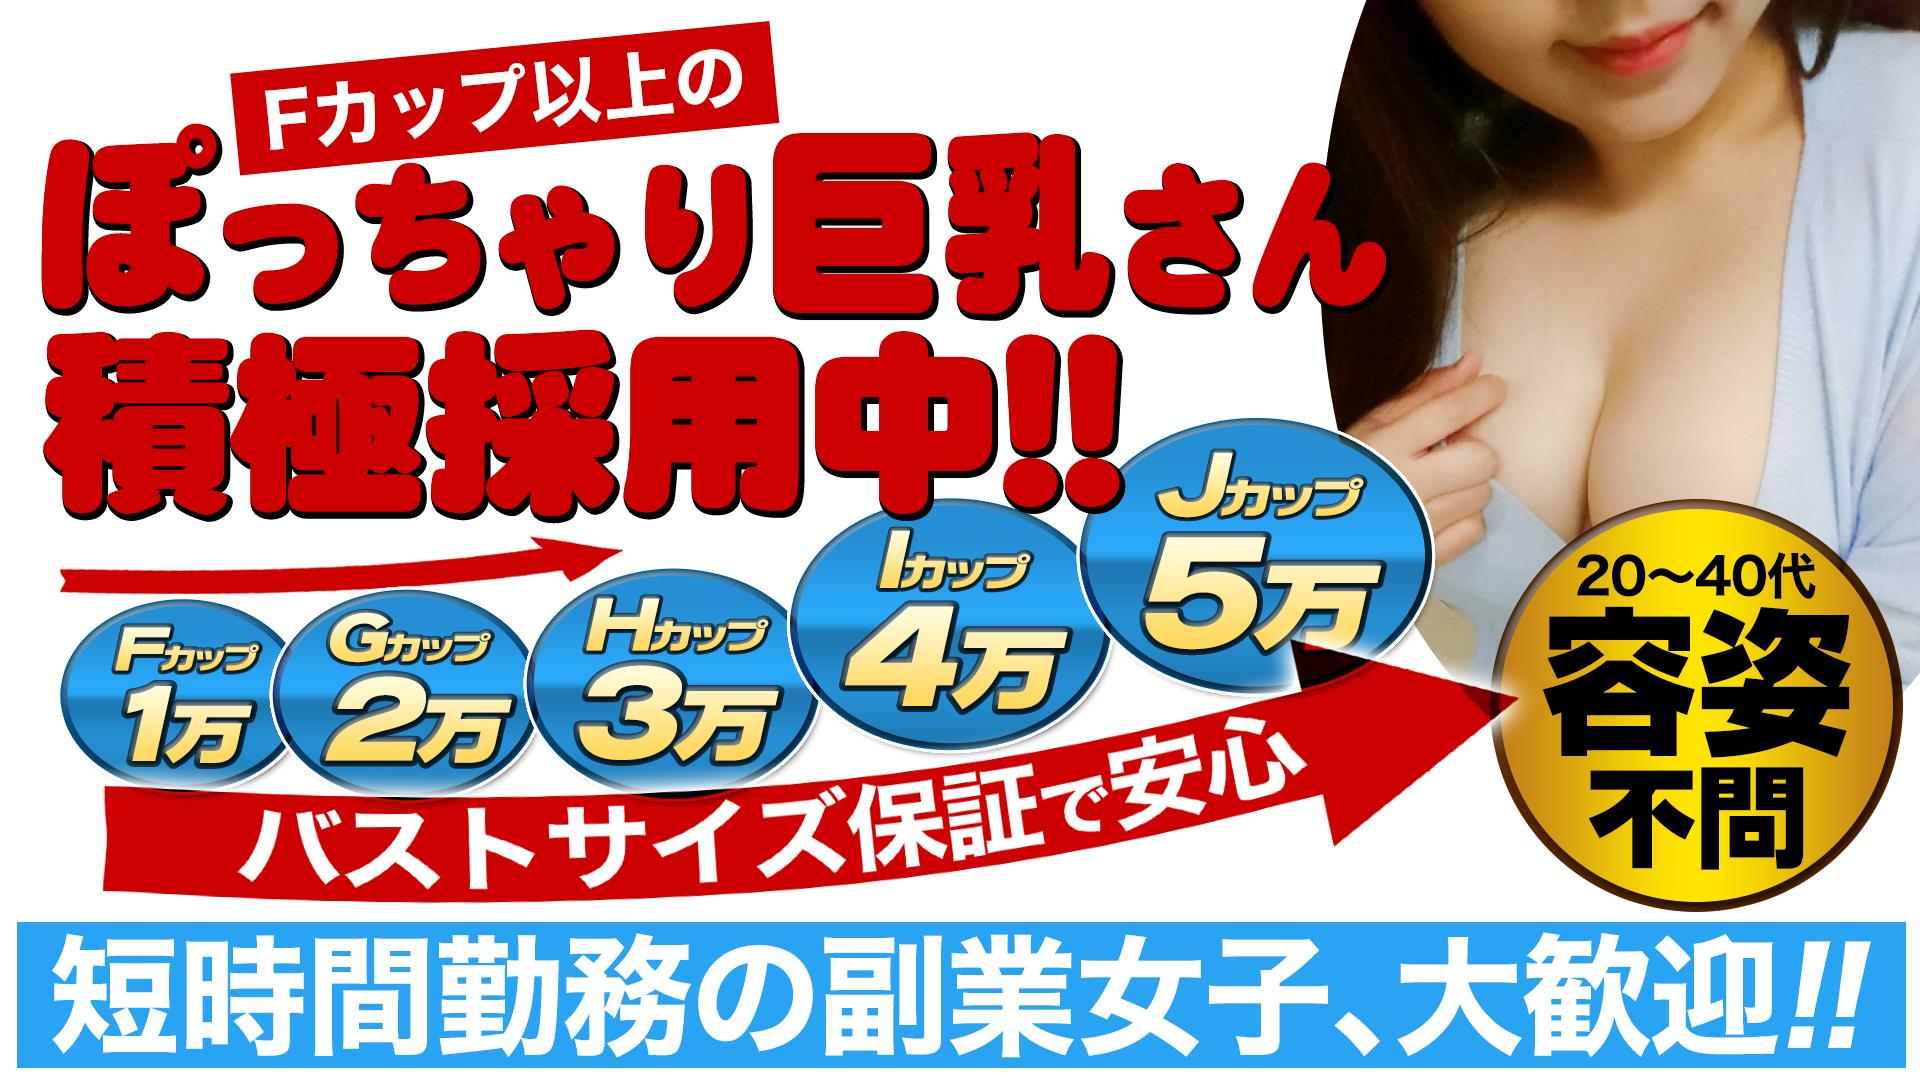 五反田 巨乳爆乳専門店もえりん